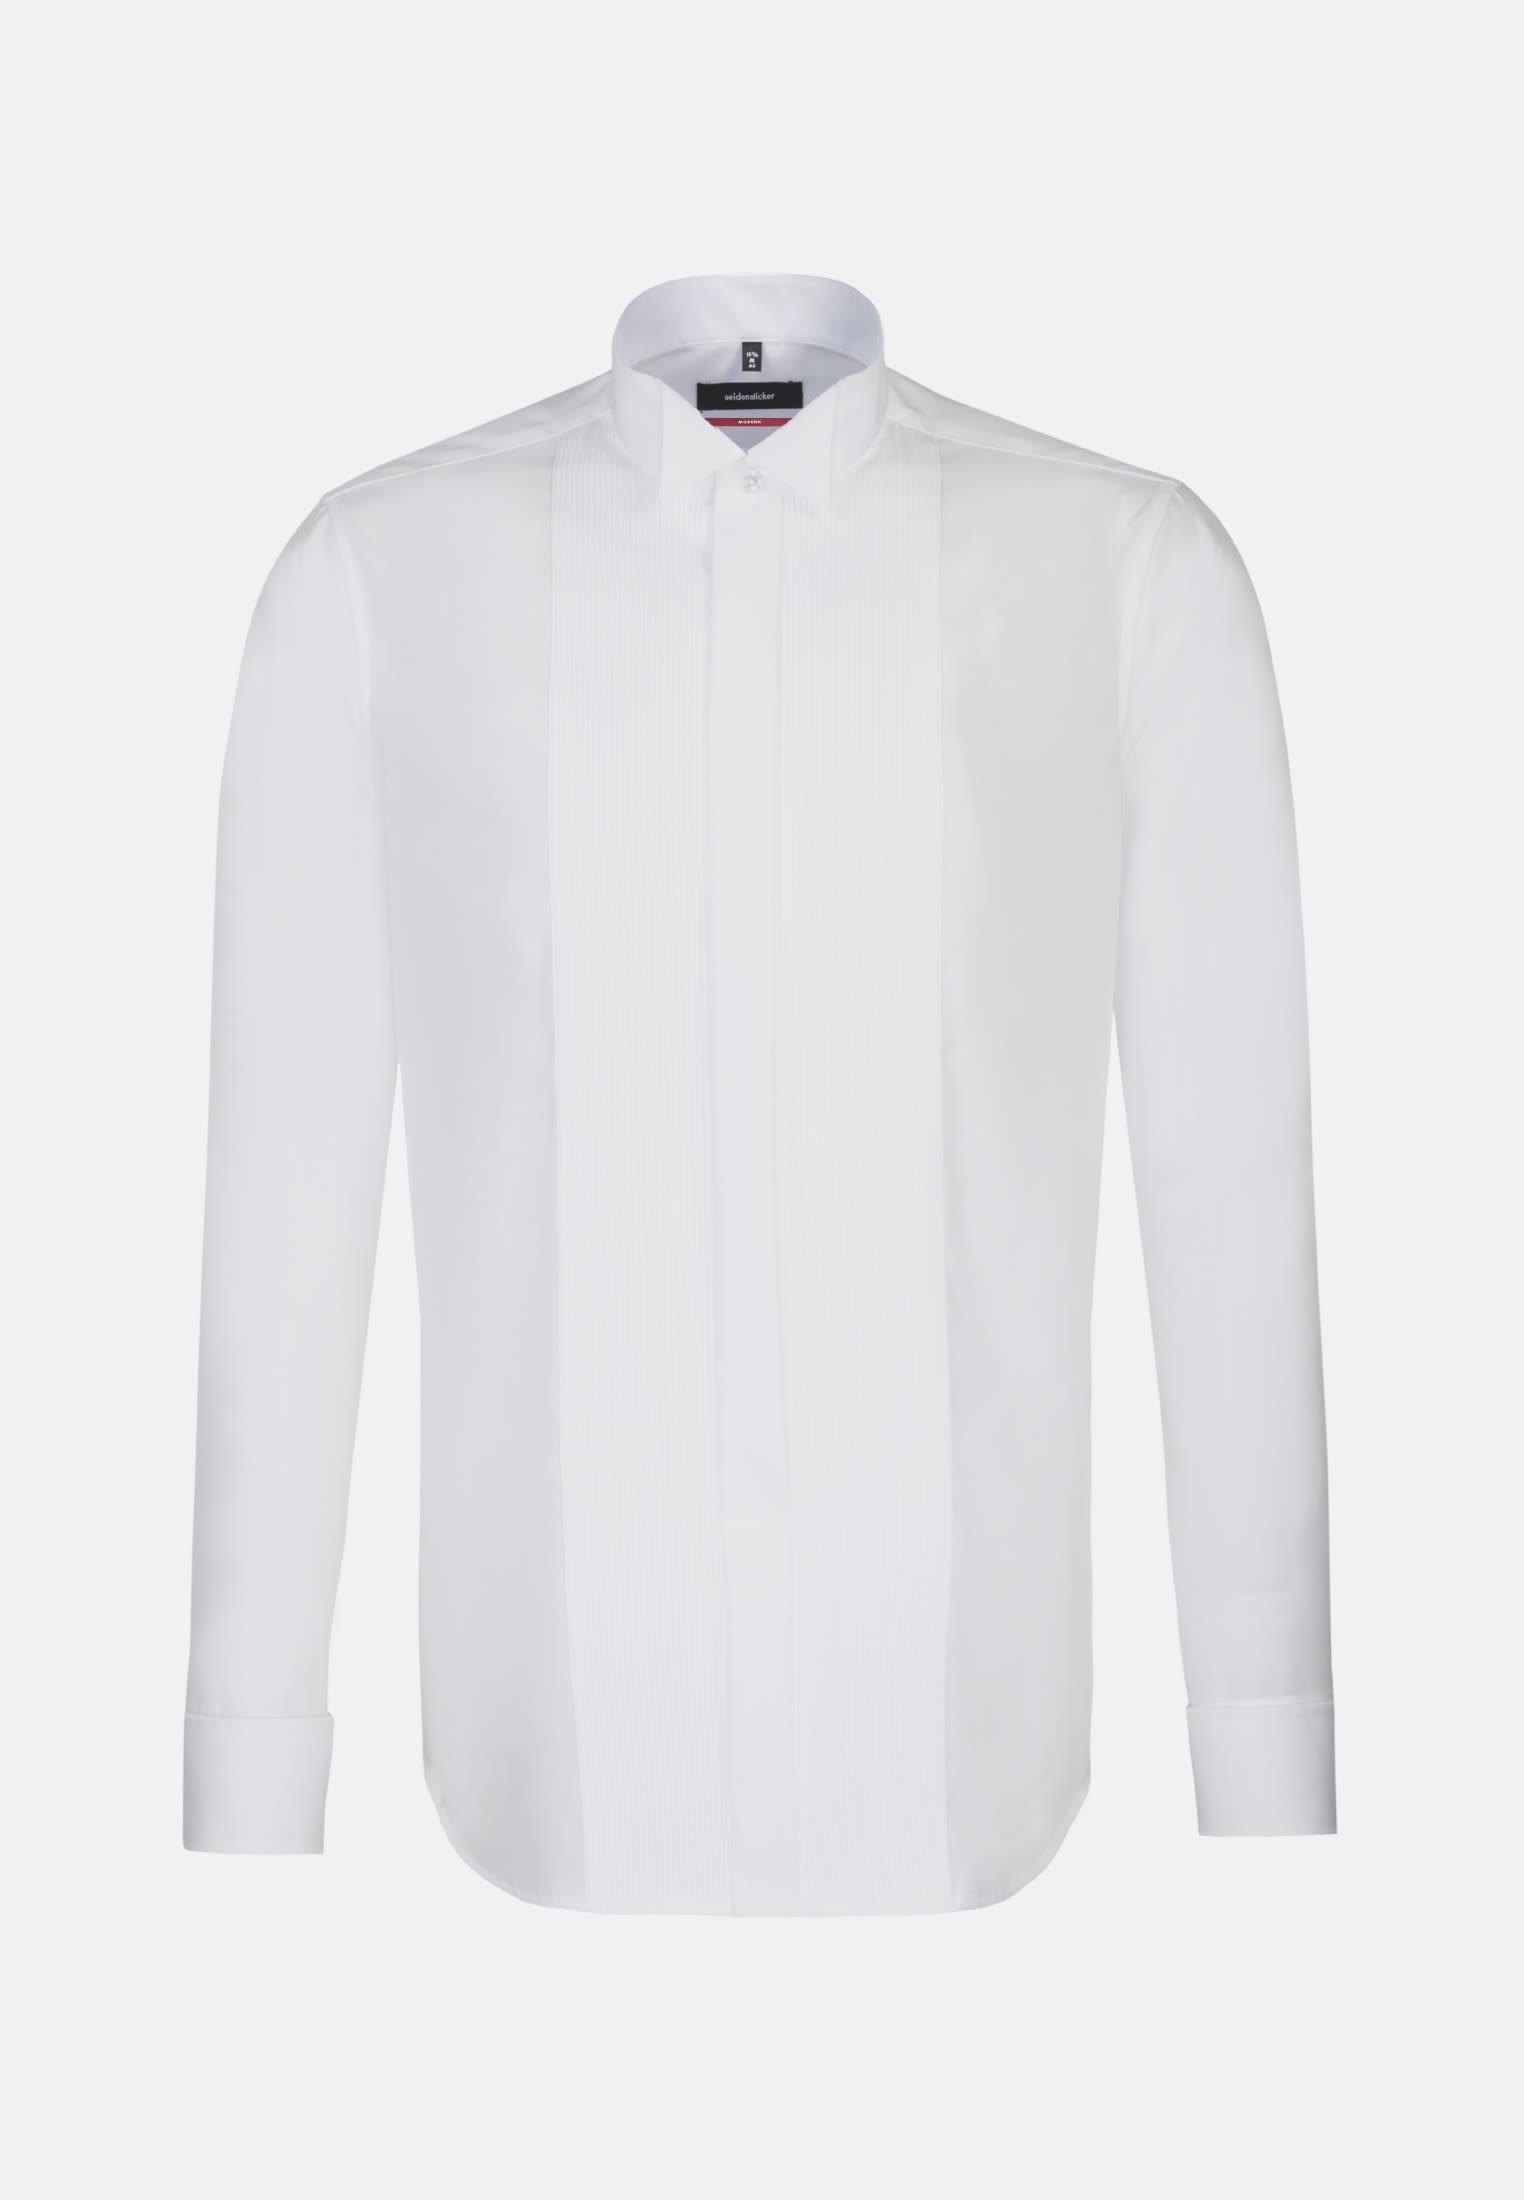 Bügelfreies Popeline Smokinghemd in Regular mit Kläppchenkragen in Weiß |  Seidensticker Onlineshop